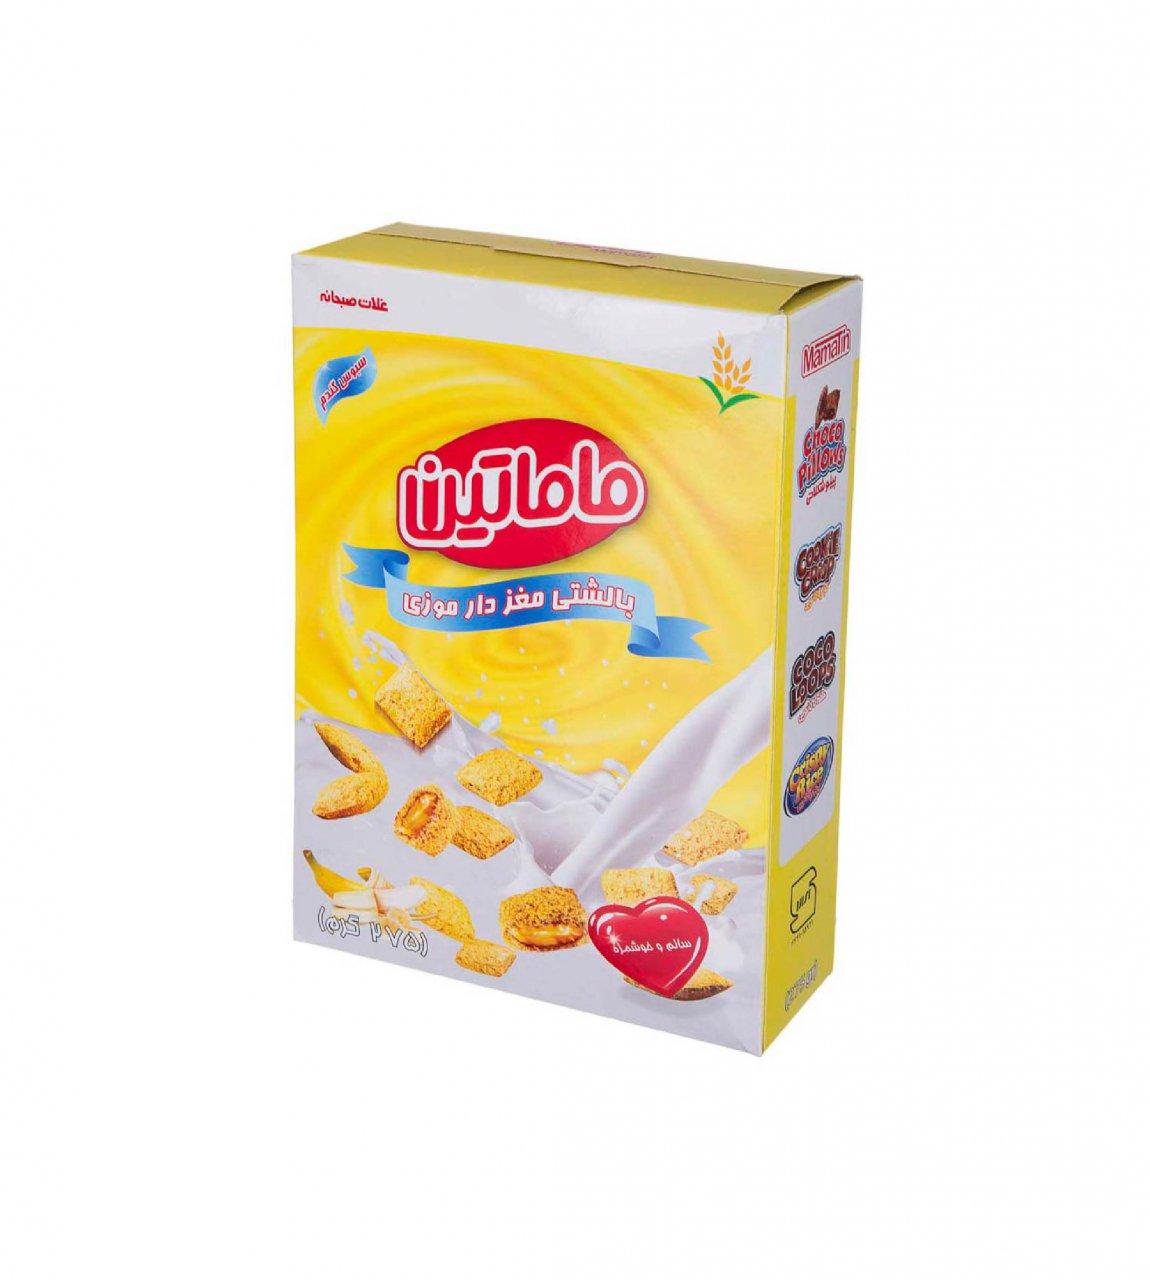 غلات صبحانه بالشتی مغزدار موزی ماماتین 275 گرم